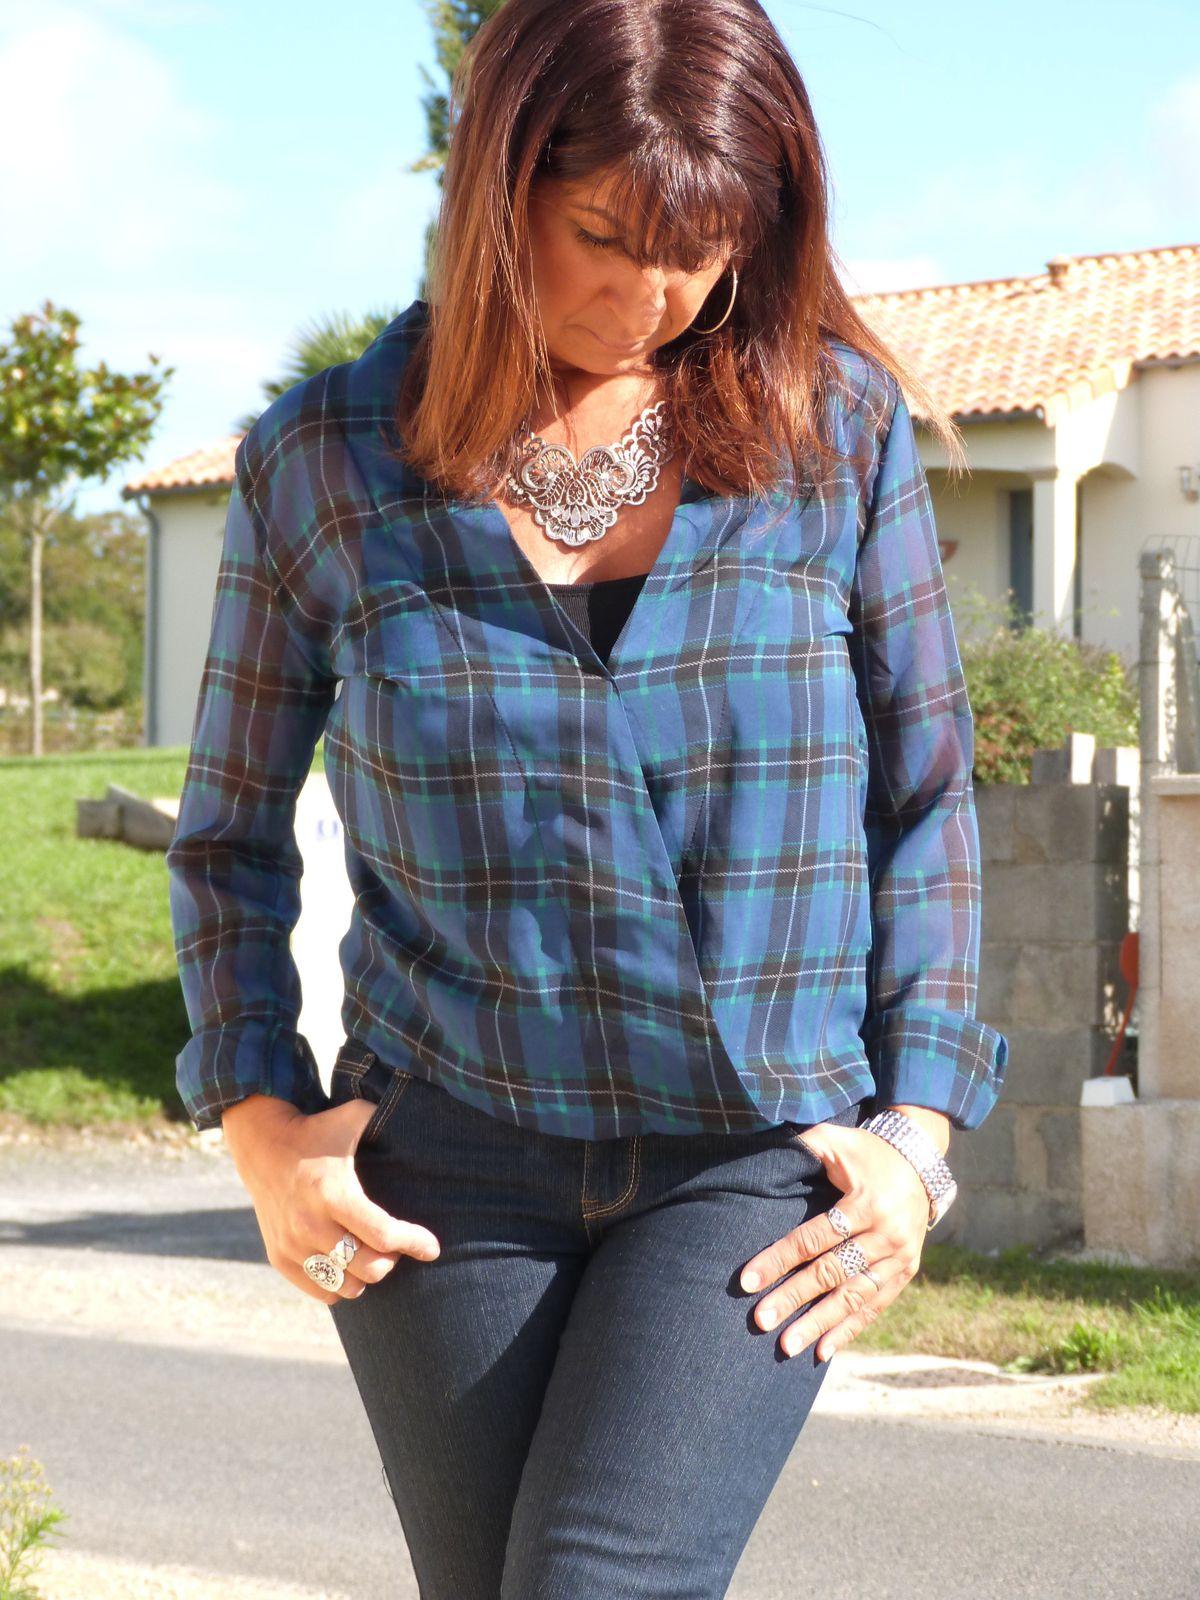 chemise : PIMKIE   jeans : je ne sais plus ??? bottines : LA MODEUSE . collier : PROMOD .